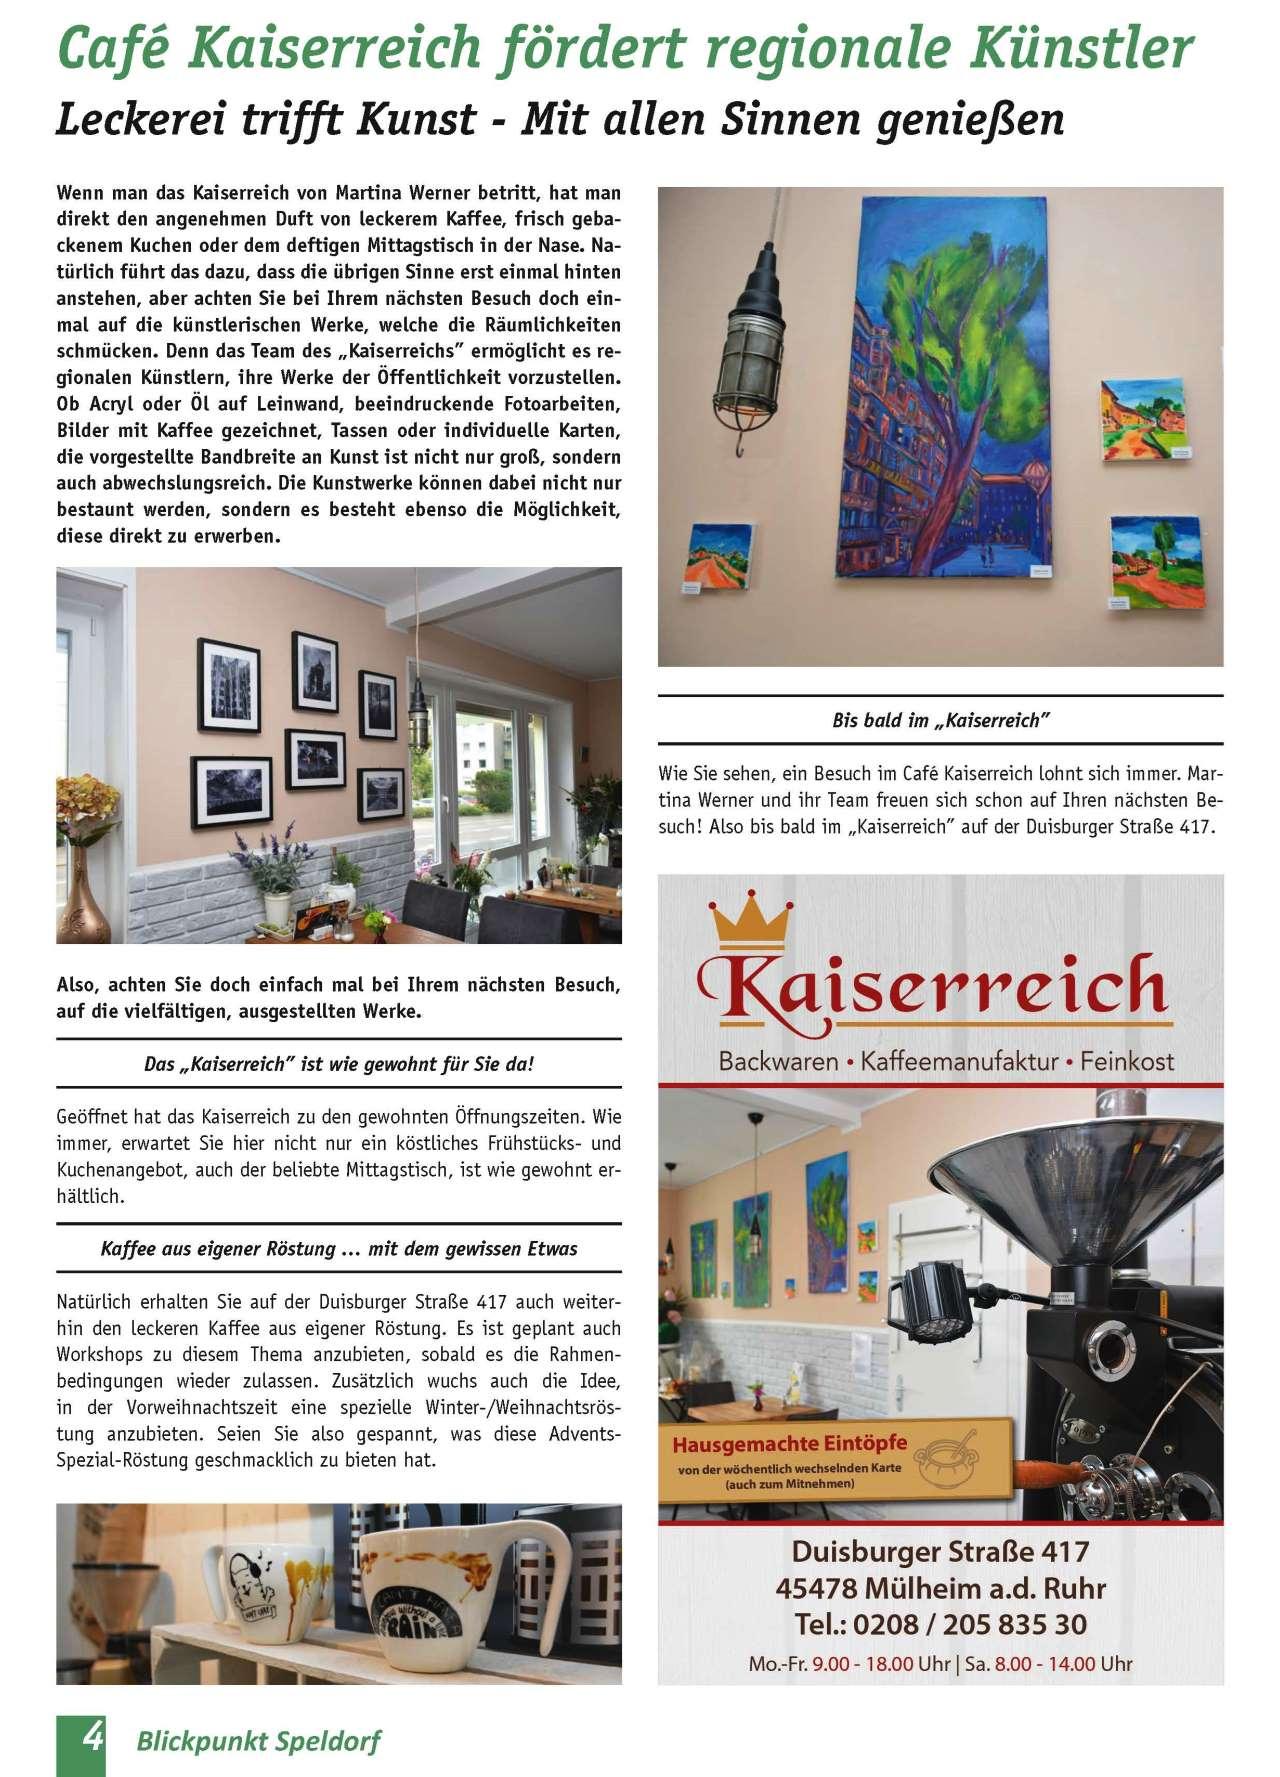 Café Kaiserreich fördert regionale Künstler